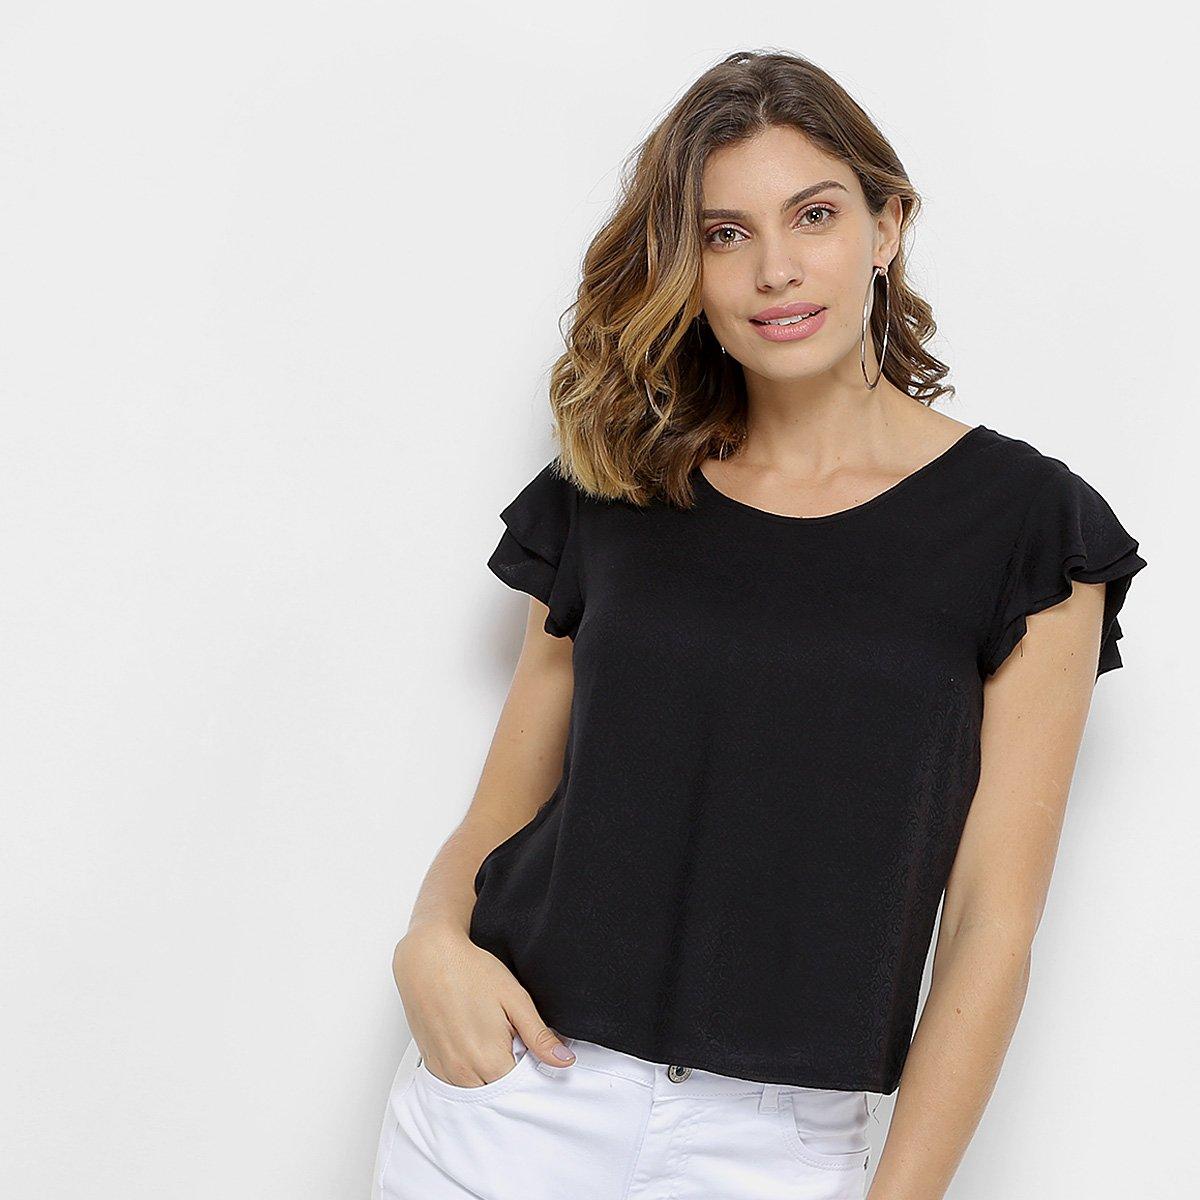 Blusa Aishty Textura Babado Feminina - Compre Agora  10c0aa9e0c3